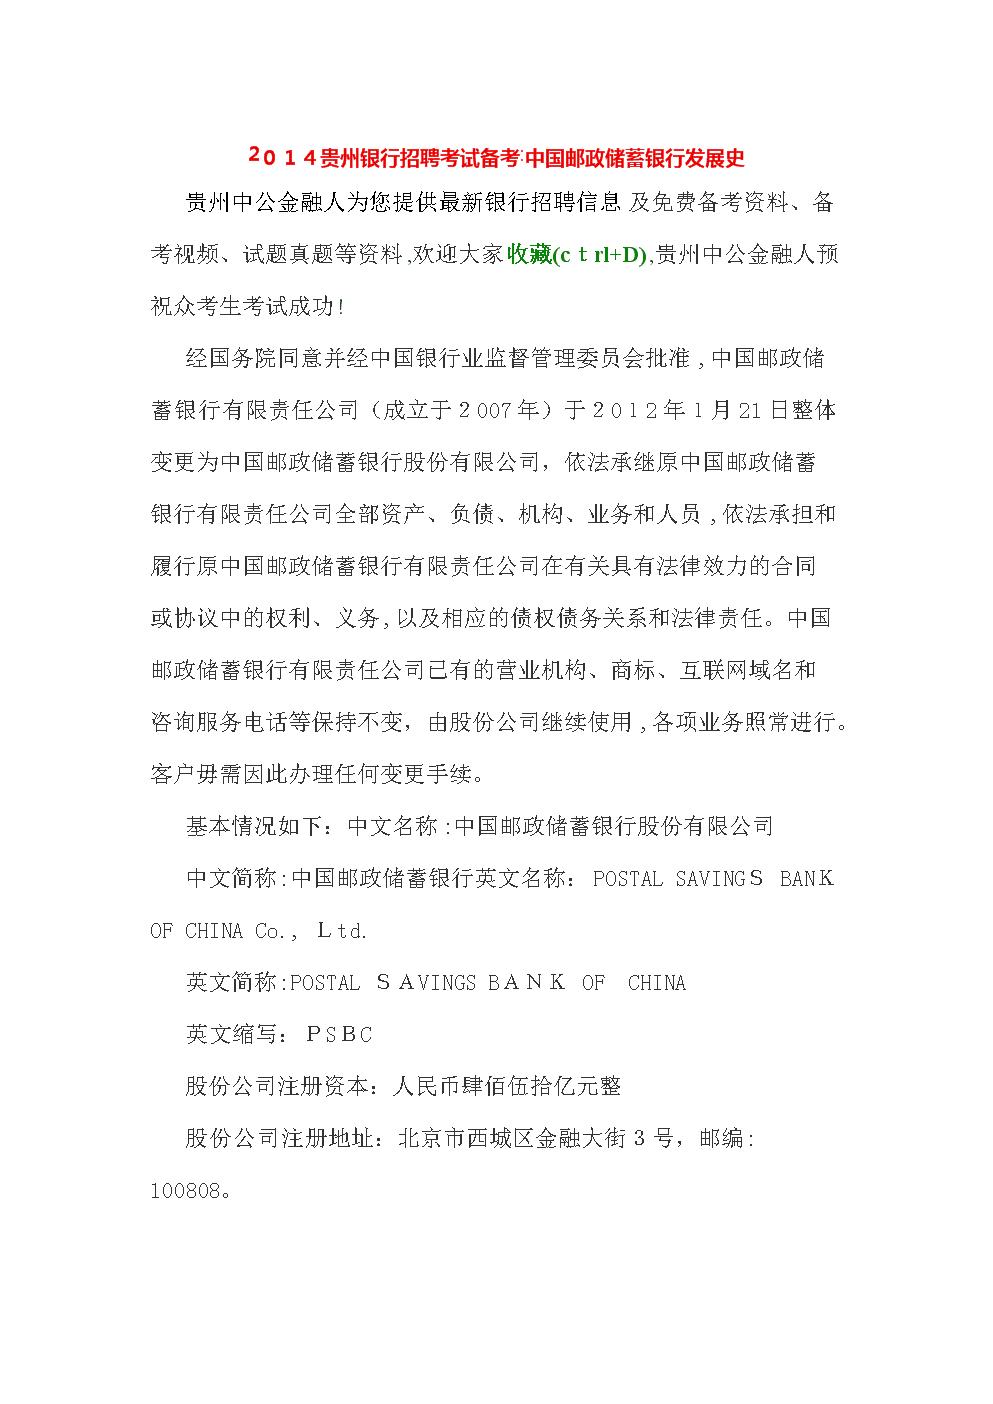 2014贵州银行招聘考试备考:中国邮政储蓄银行发展史.docx